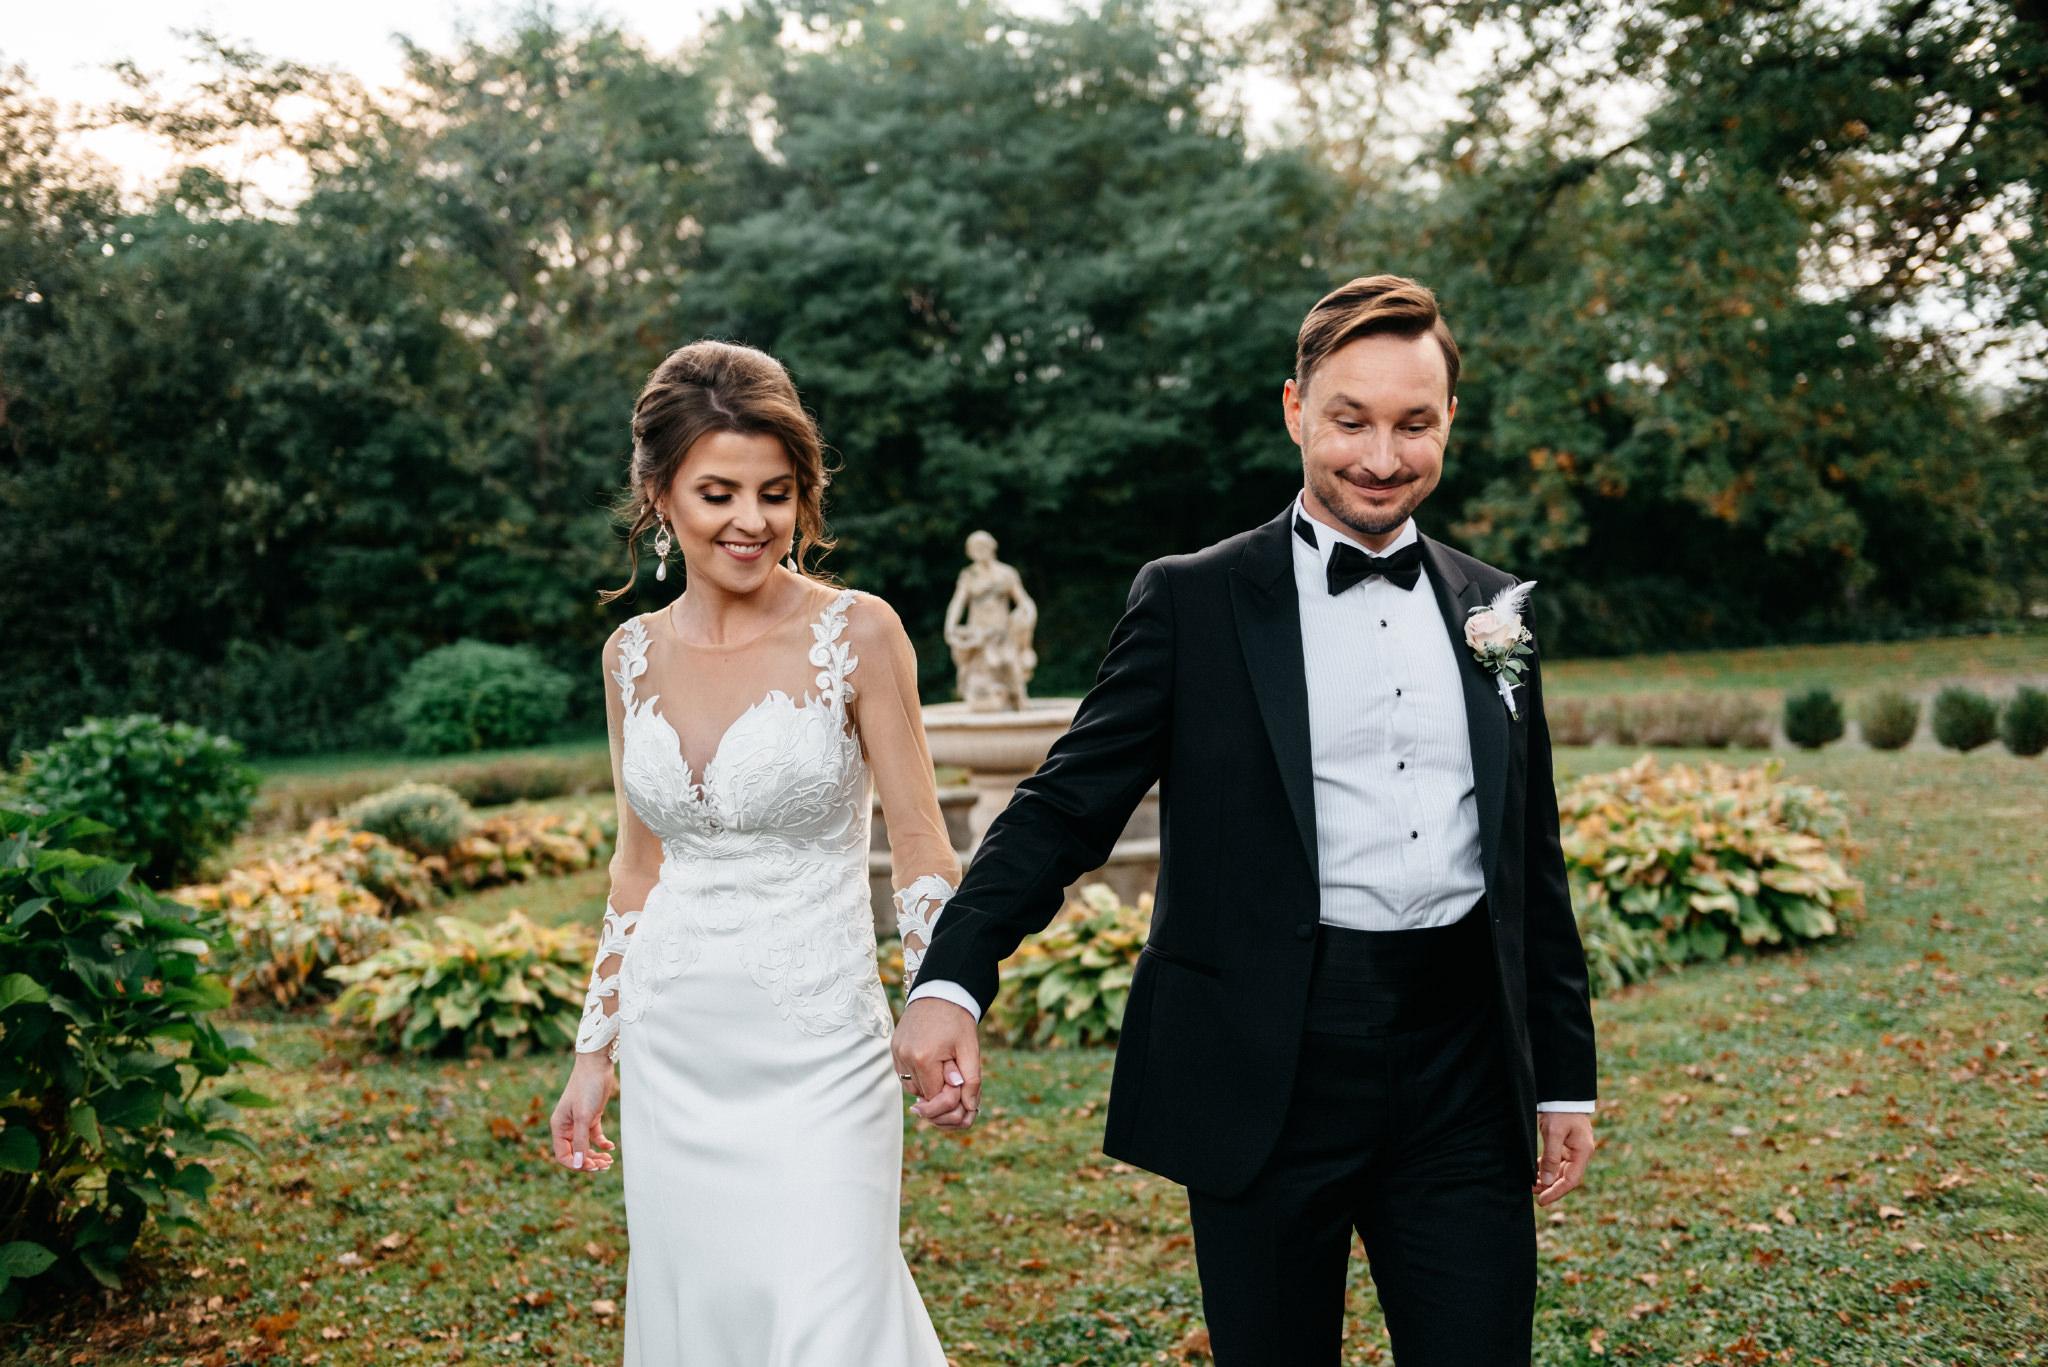 jeden czy dwóch fotografów na ślub?